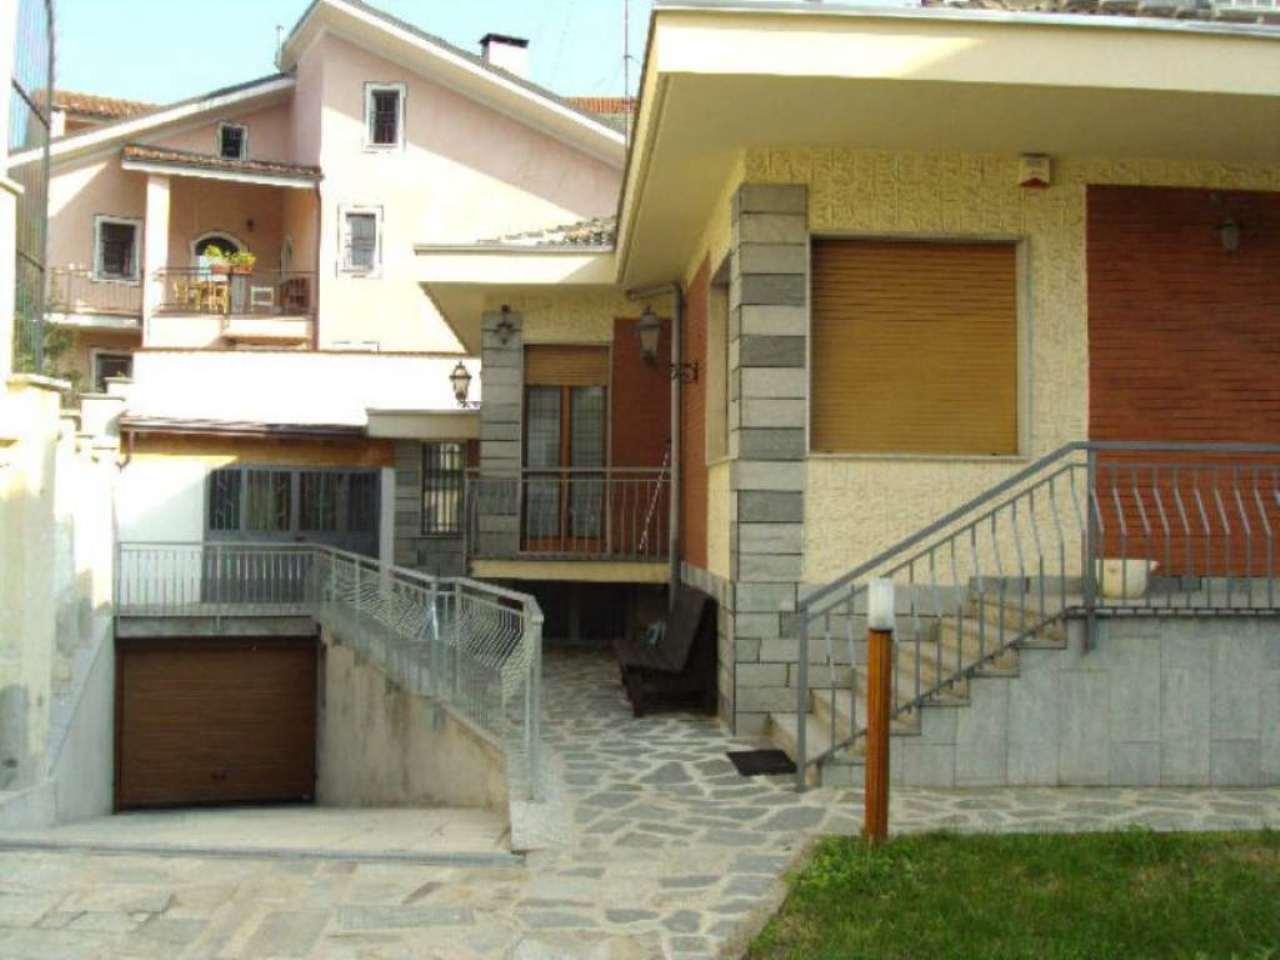 Soluzione Indipendente in affitto a Torino, 6 locali, zona Zona: 13 . Borgo Vittoria, Madonna di Campagna, Barriera di Lanzo, prezzo € 1.500 | Cambio Casa.it